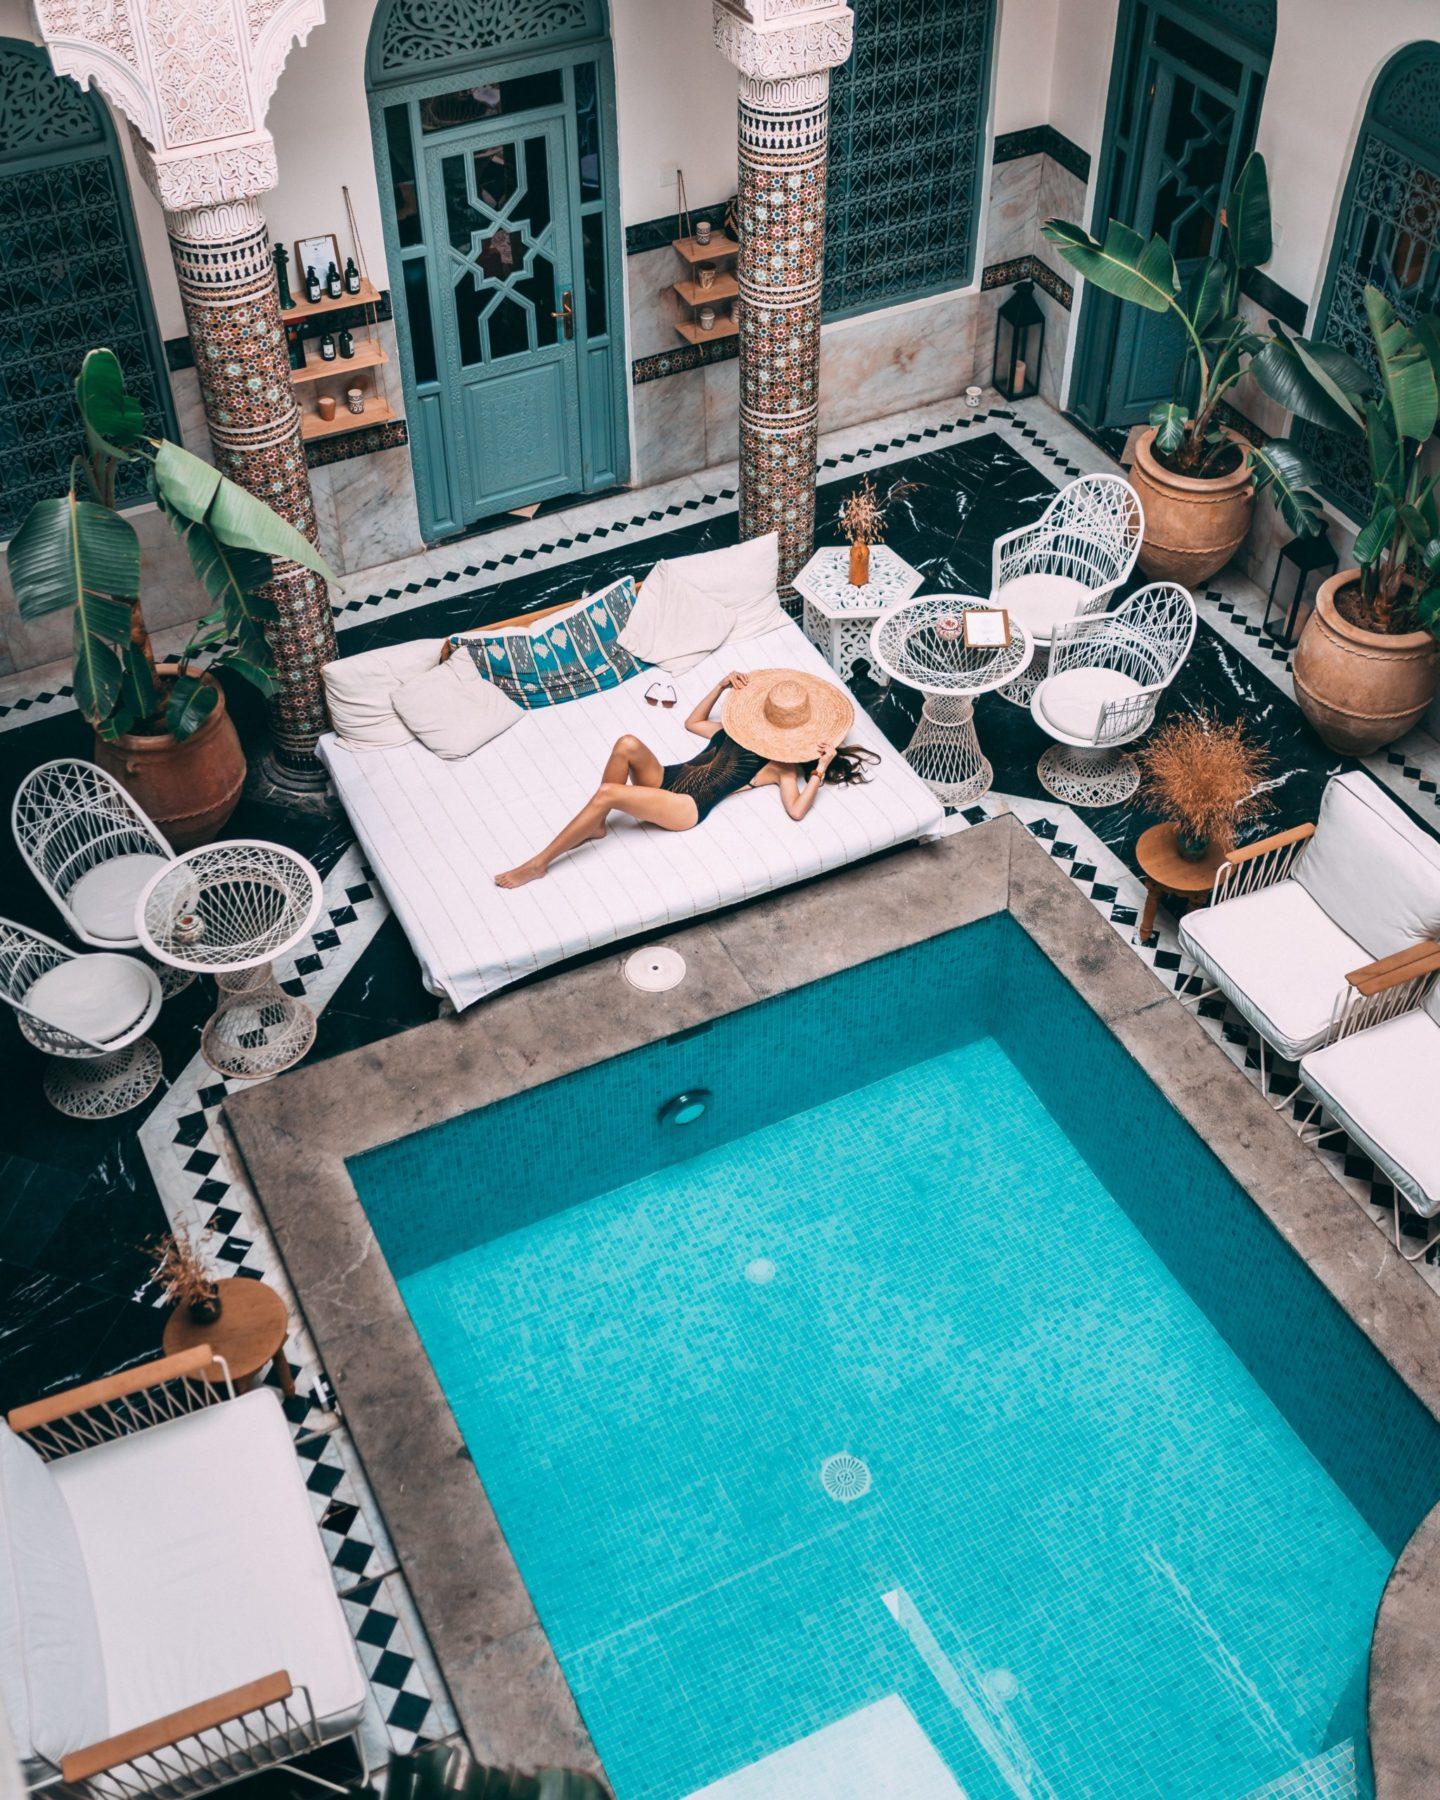 Haz de tu viaje a Marruecos una experiencia inolvidable